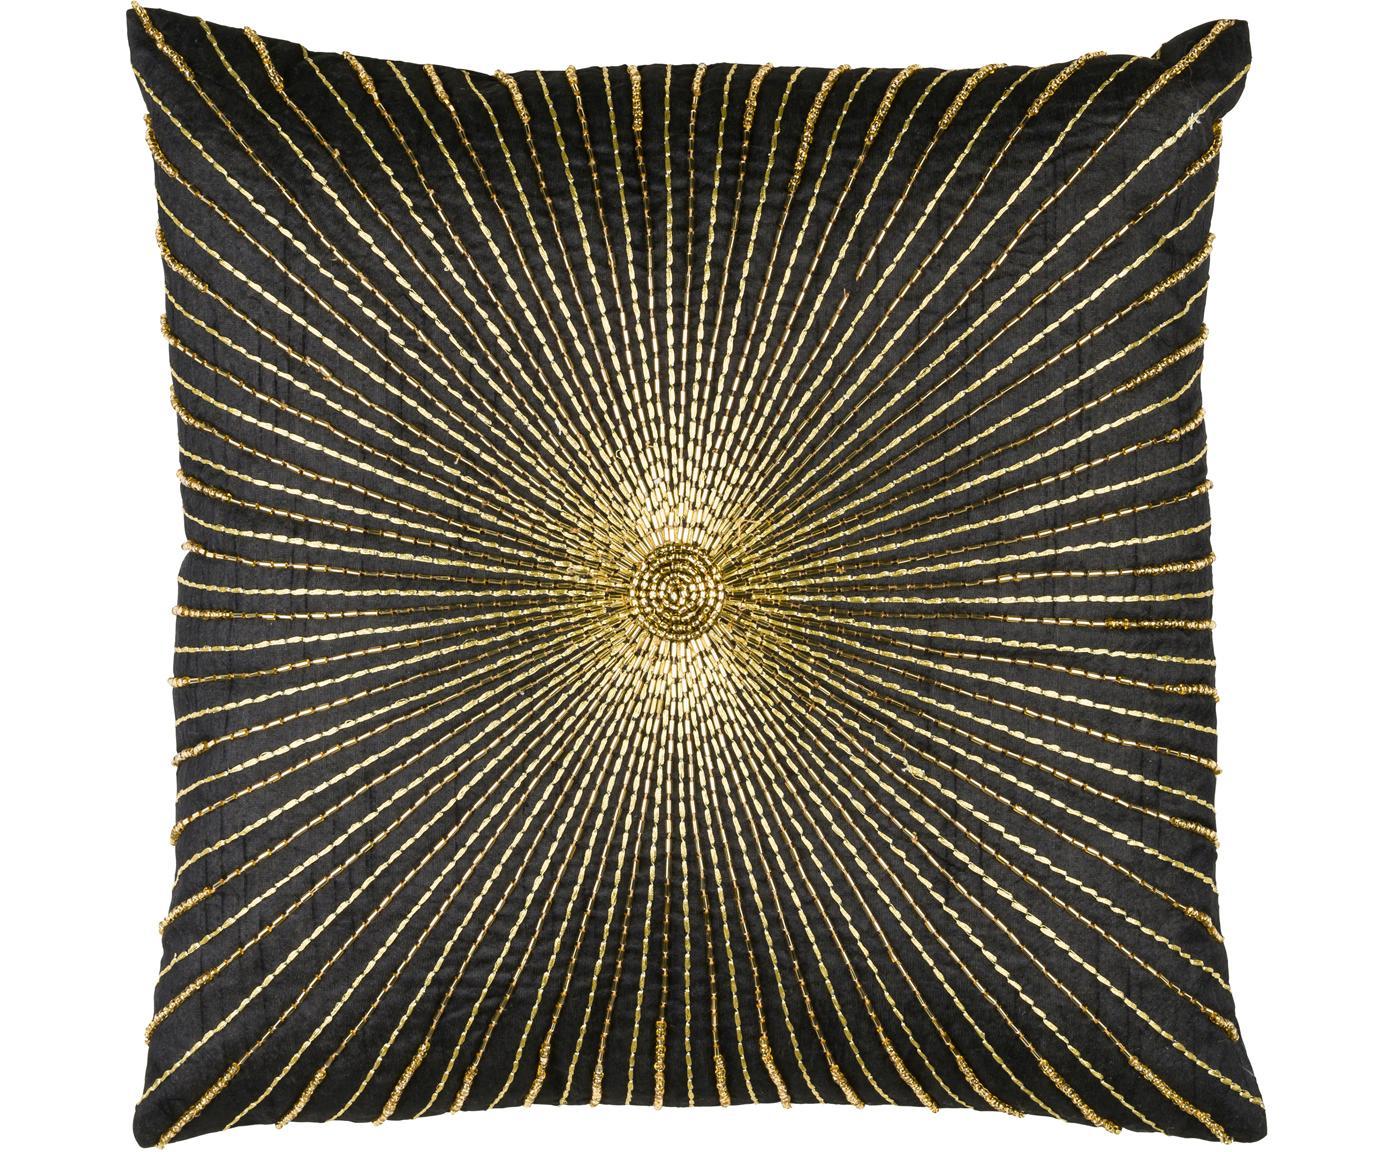 Poszewka na poduszkę z haftem Sunray, 100% poliester, Czarny, odcienie złotego, S 40 x D 40 cm